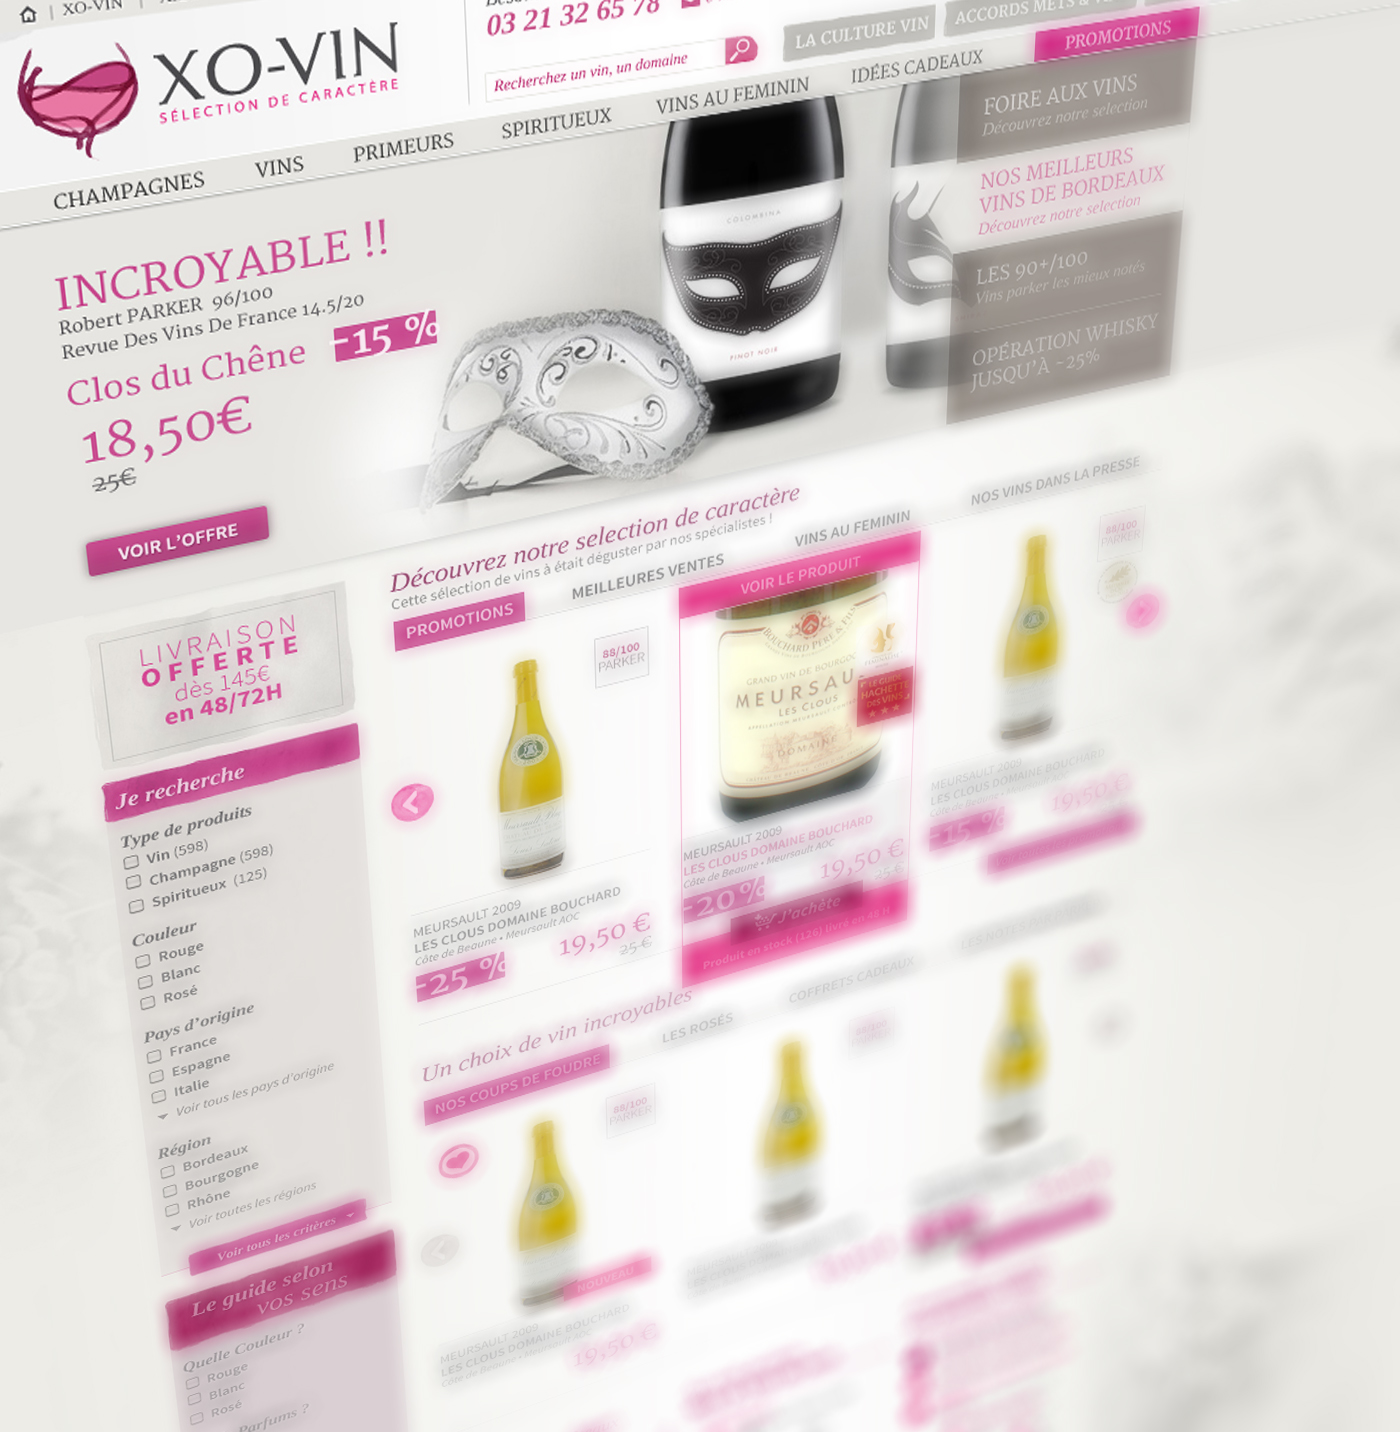 Création site ecommerce, stratégie digitale XO-VIN boulogne-sur-mer